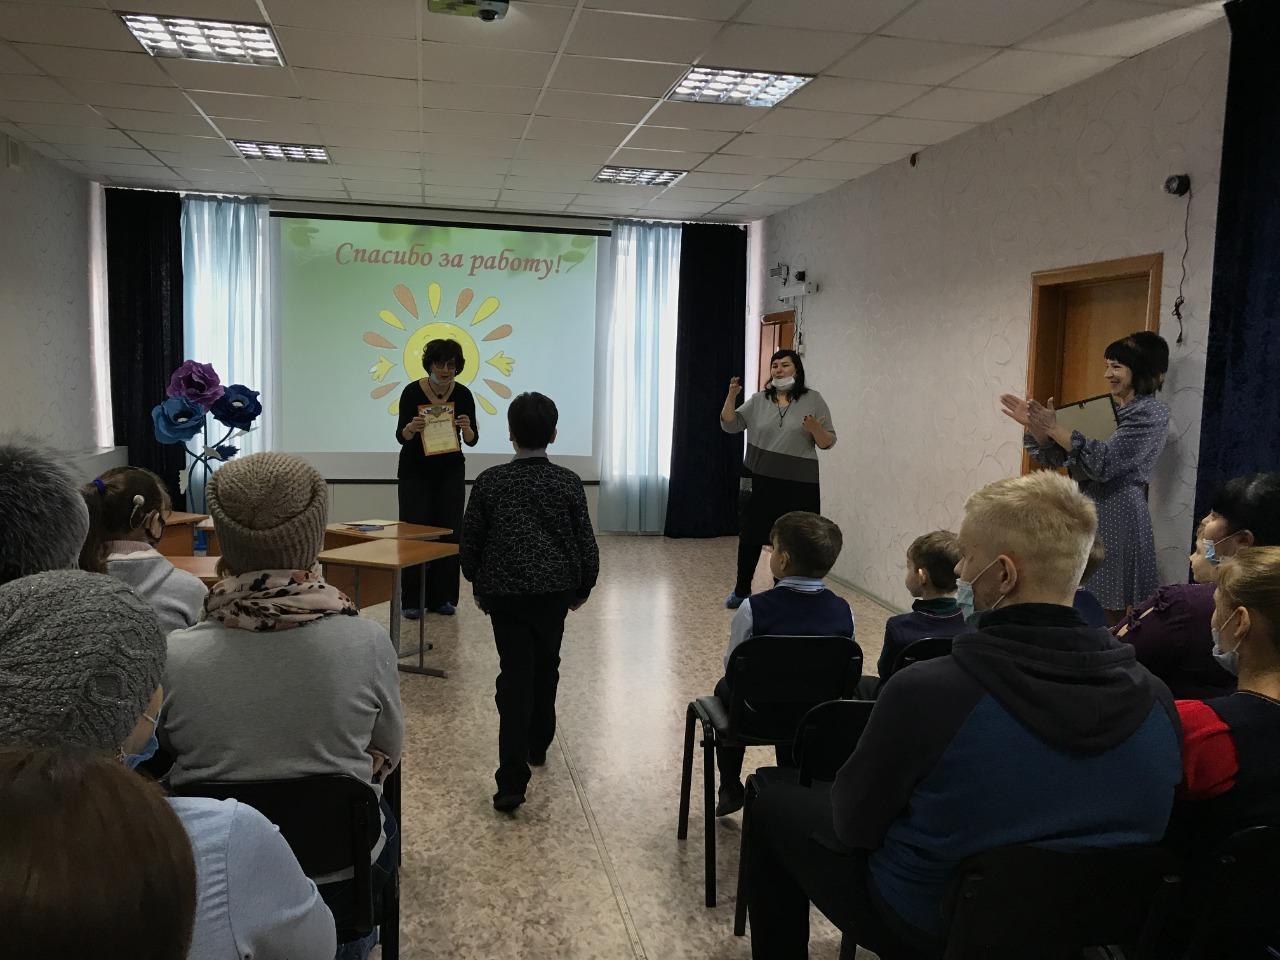 Участники круглого стола «Лавка добра»: от творчества к медиаграмотности»